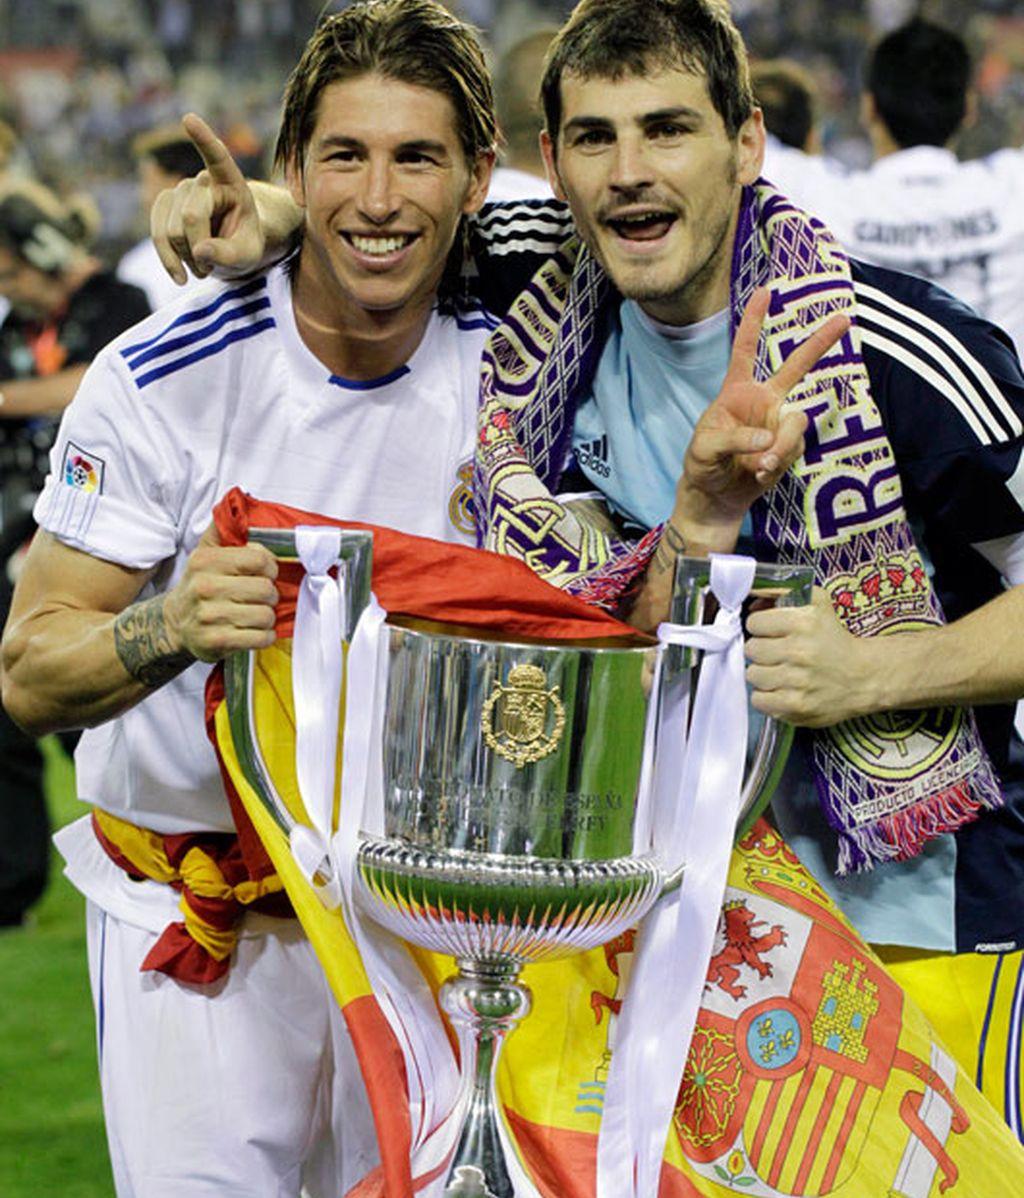 2011: Su último logro, campeón de la Copa del Rey con el Real Madrid